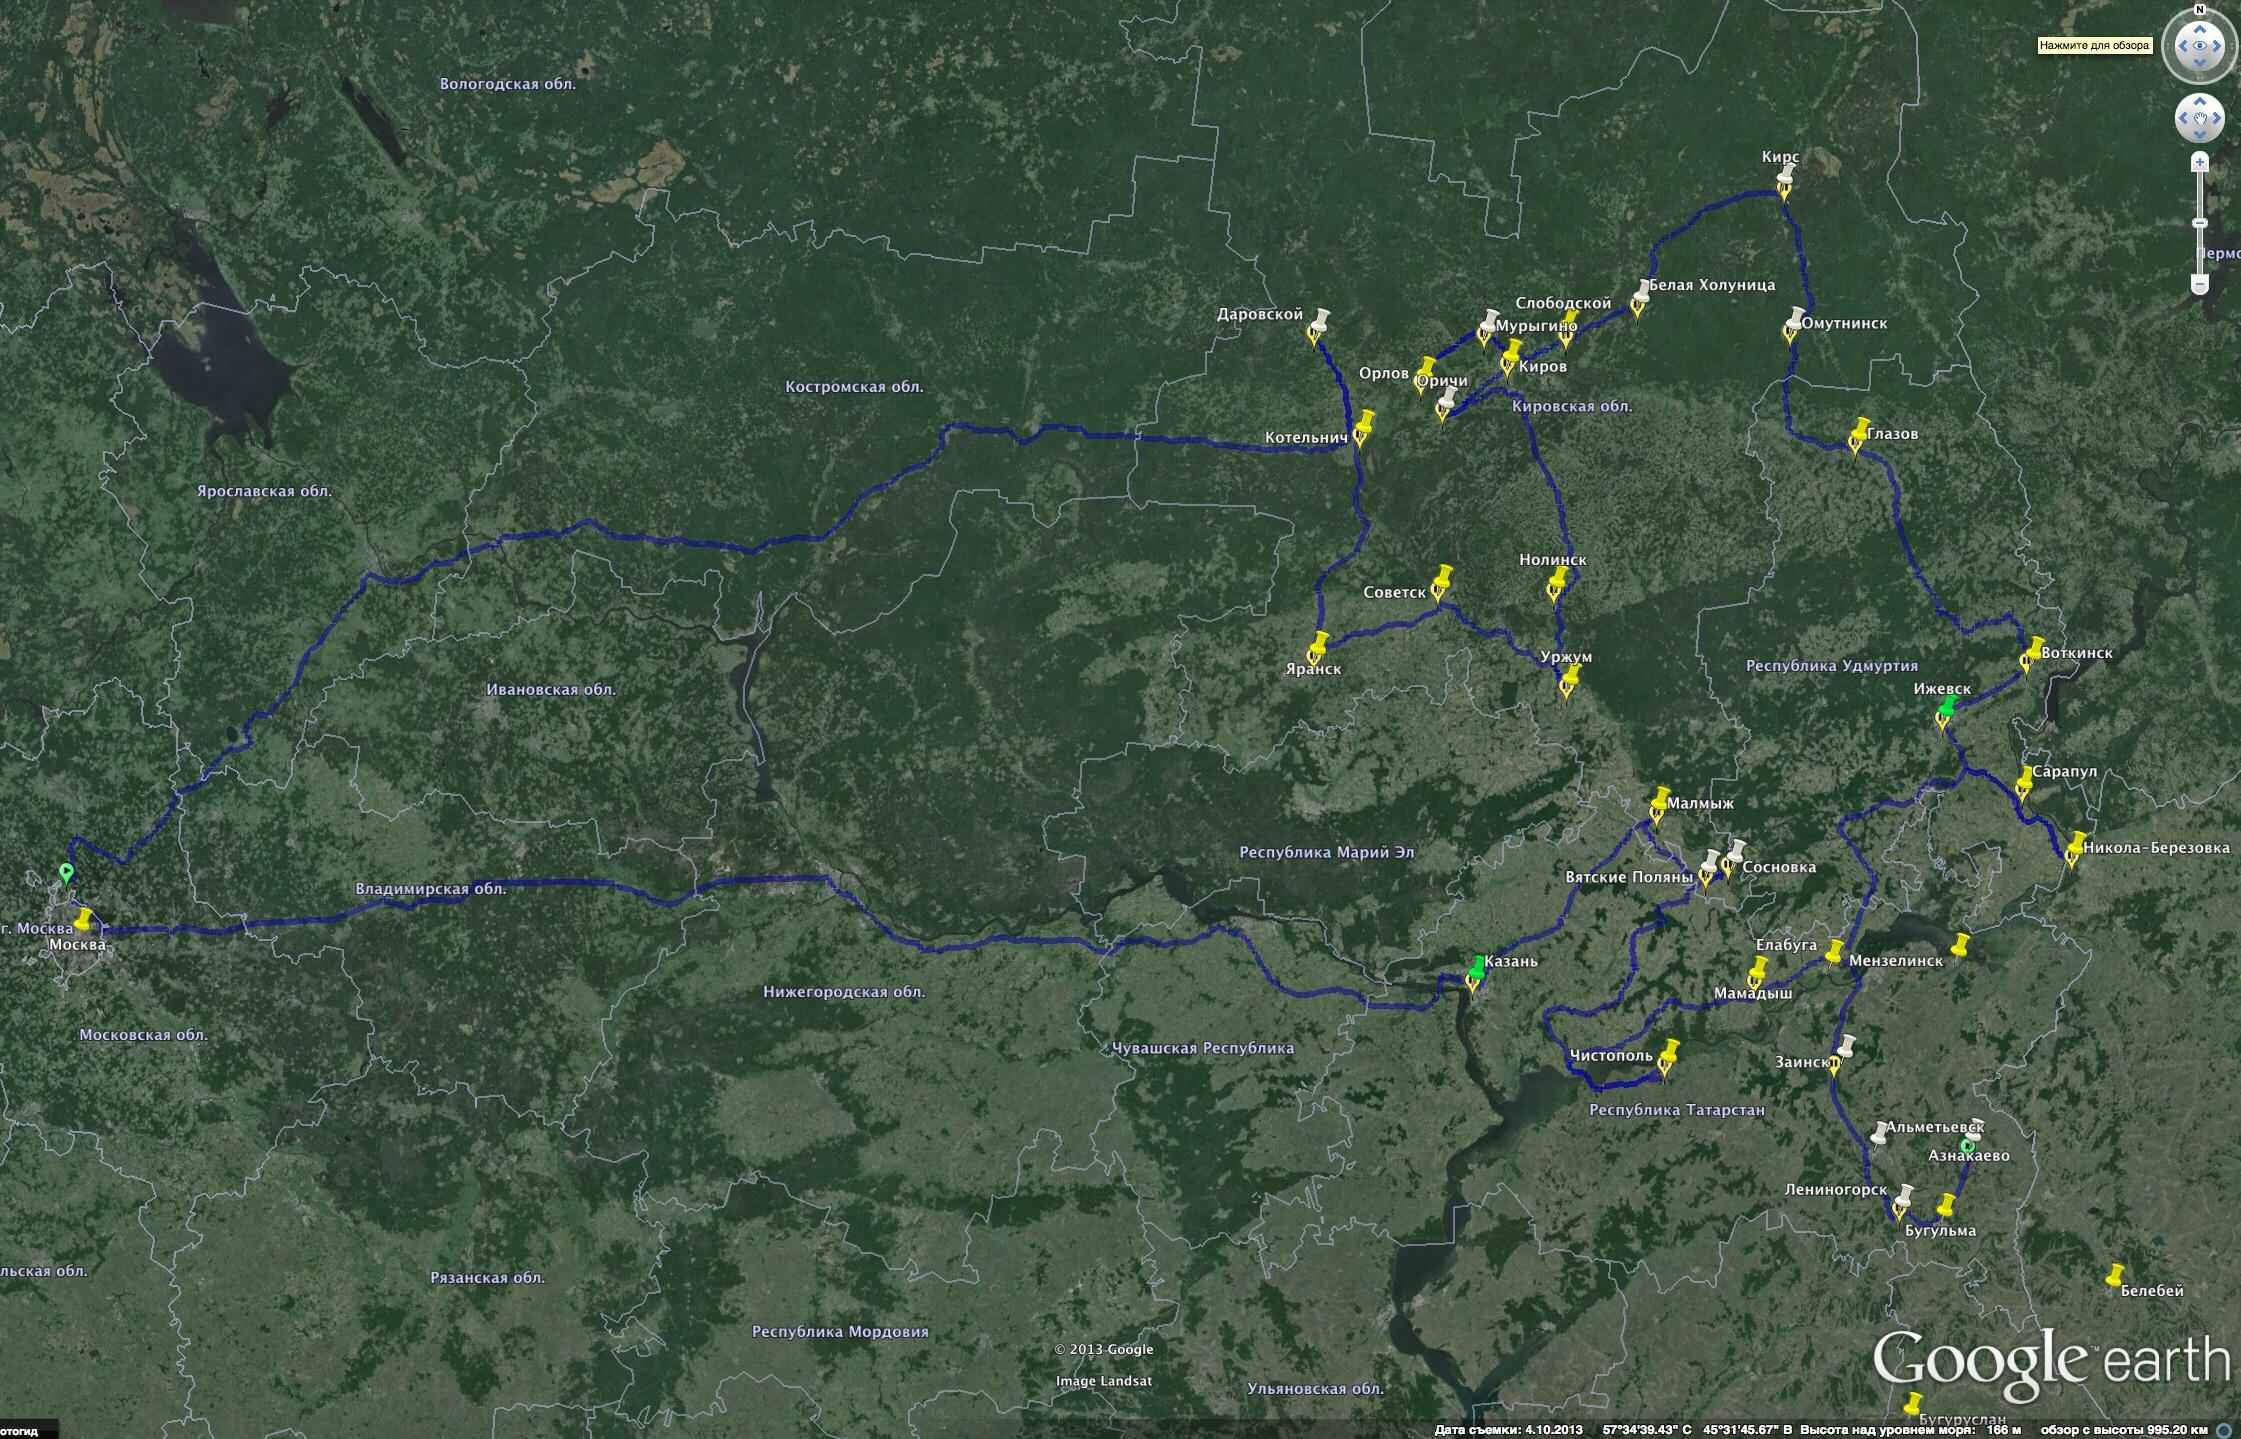 Маршрут в поисках наличников, охватывающий Кировскую область, Удмуртию и Татарстан